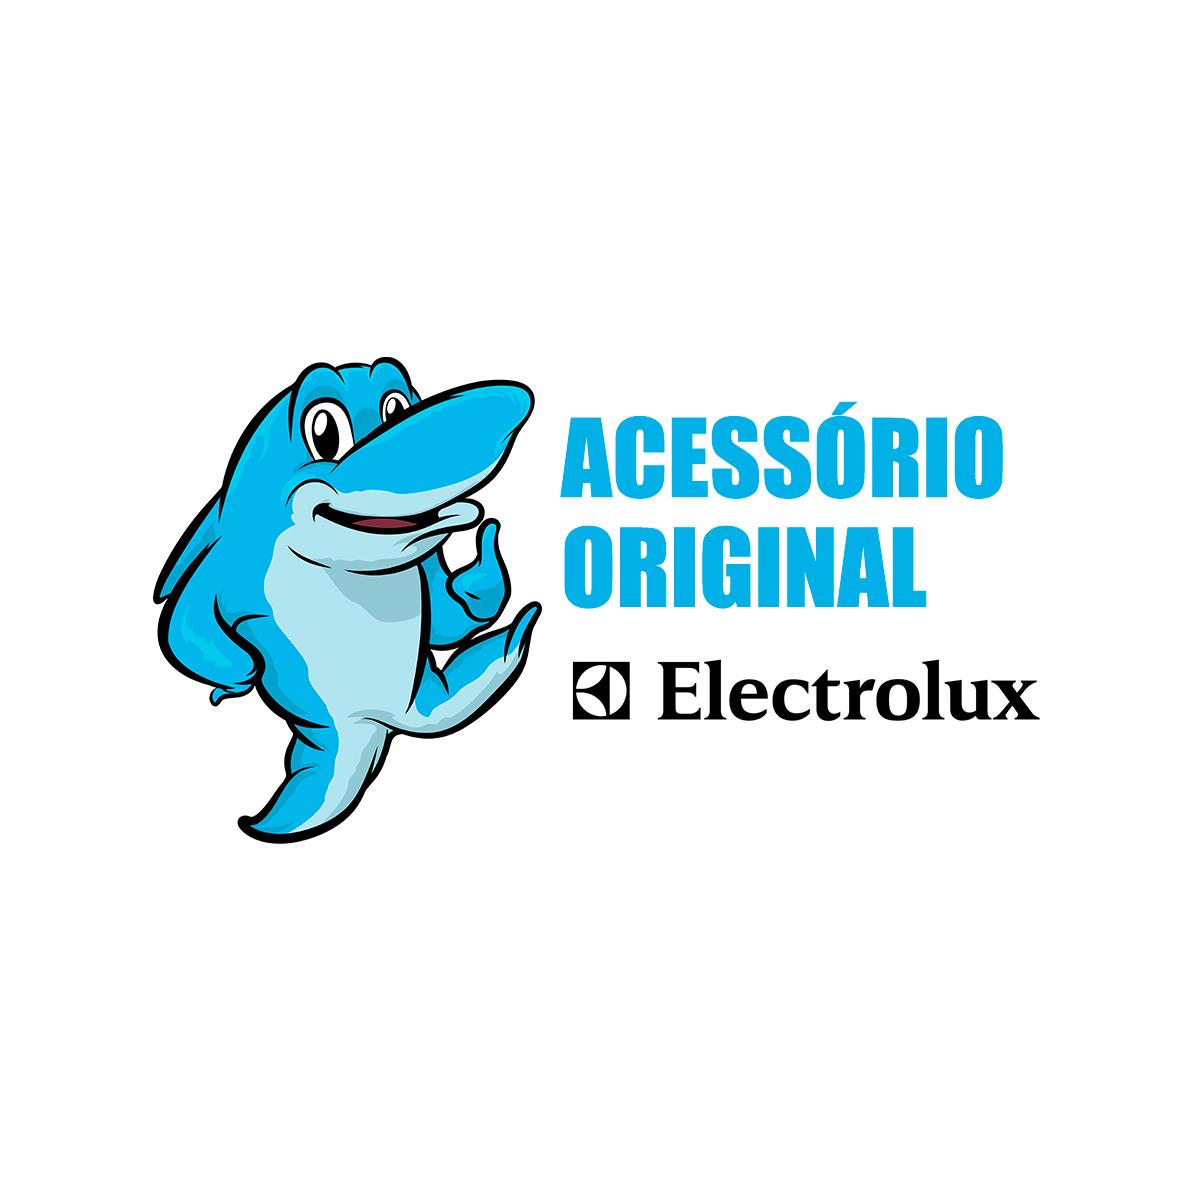 Kit Saco Descartável para Aspirador de pó Electrolux A10S, A10T, GT2000 *Modelos Antigos* 3un Original